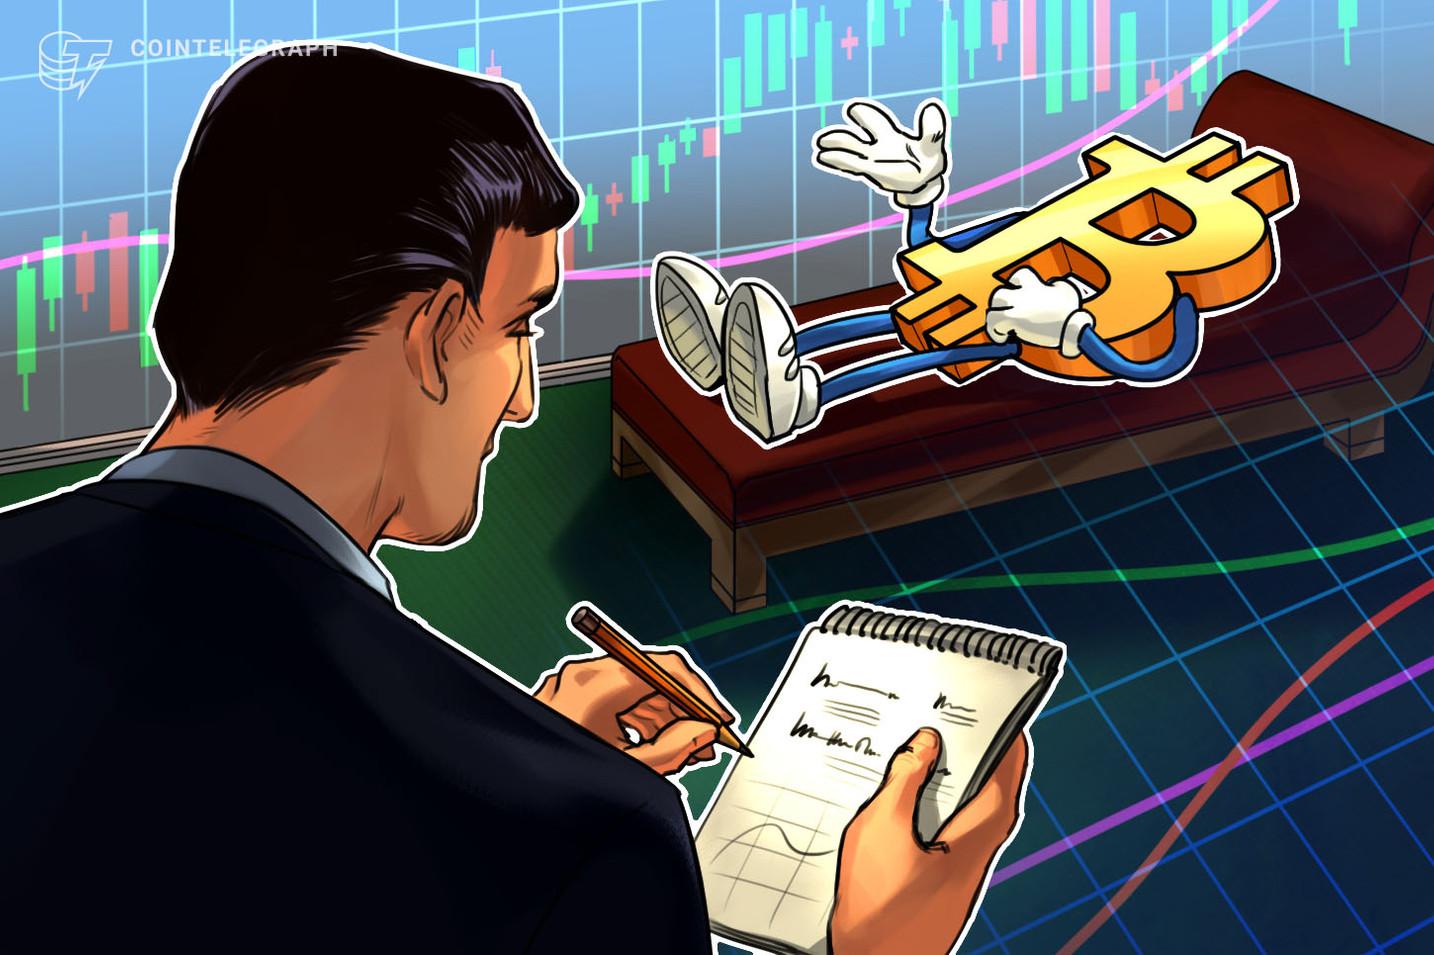 El precio de Bitcoin muestra signos ocultos de reversión. El próximo objetivo es 8.200 dólares